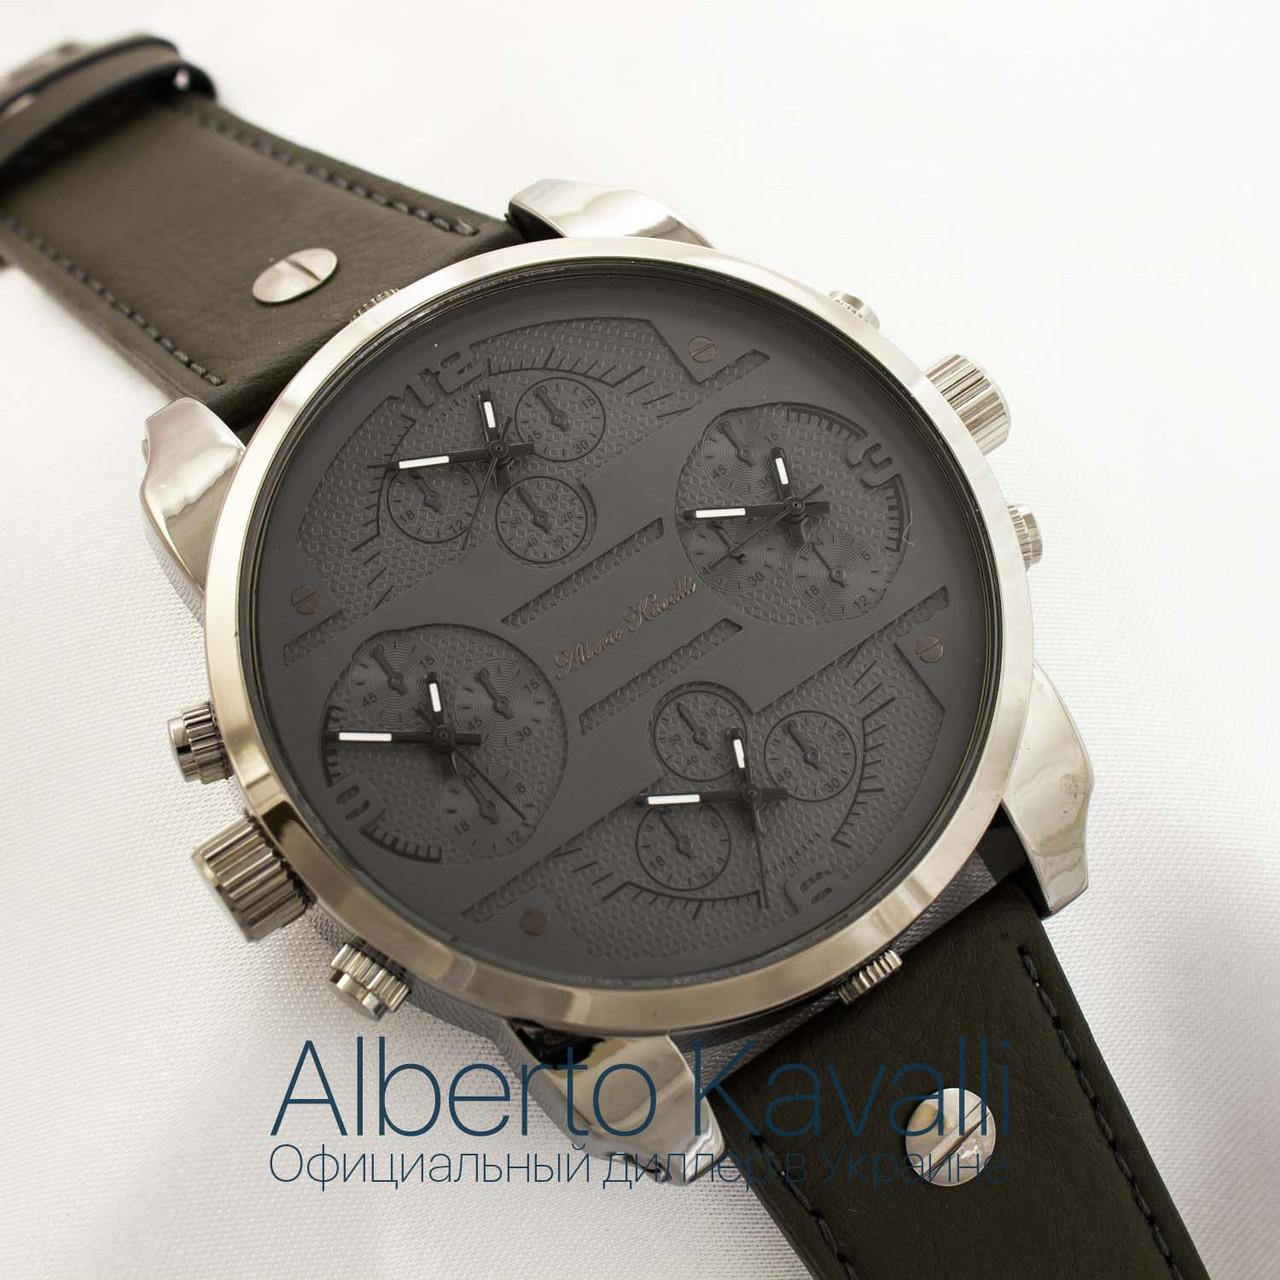 Мужские оригинальные часы Alberto Kavalli silver grey 3346-08555 -  megastore.net.ua 15be1b55bc4f9